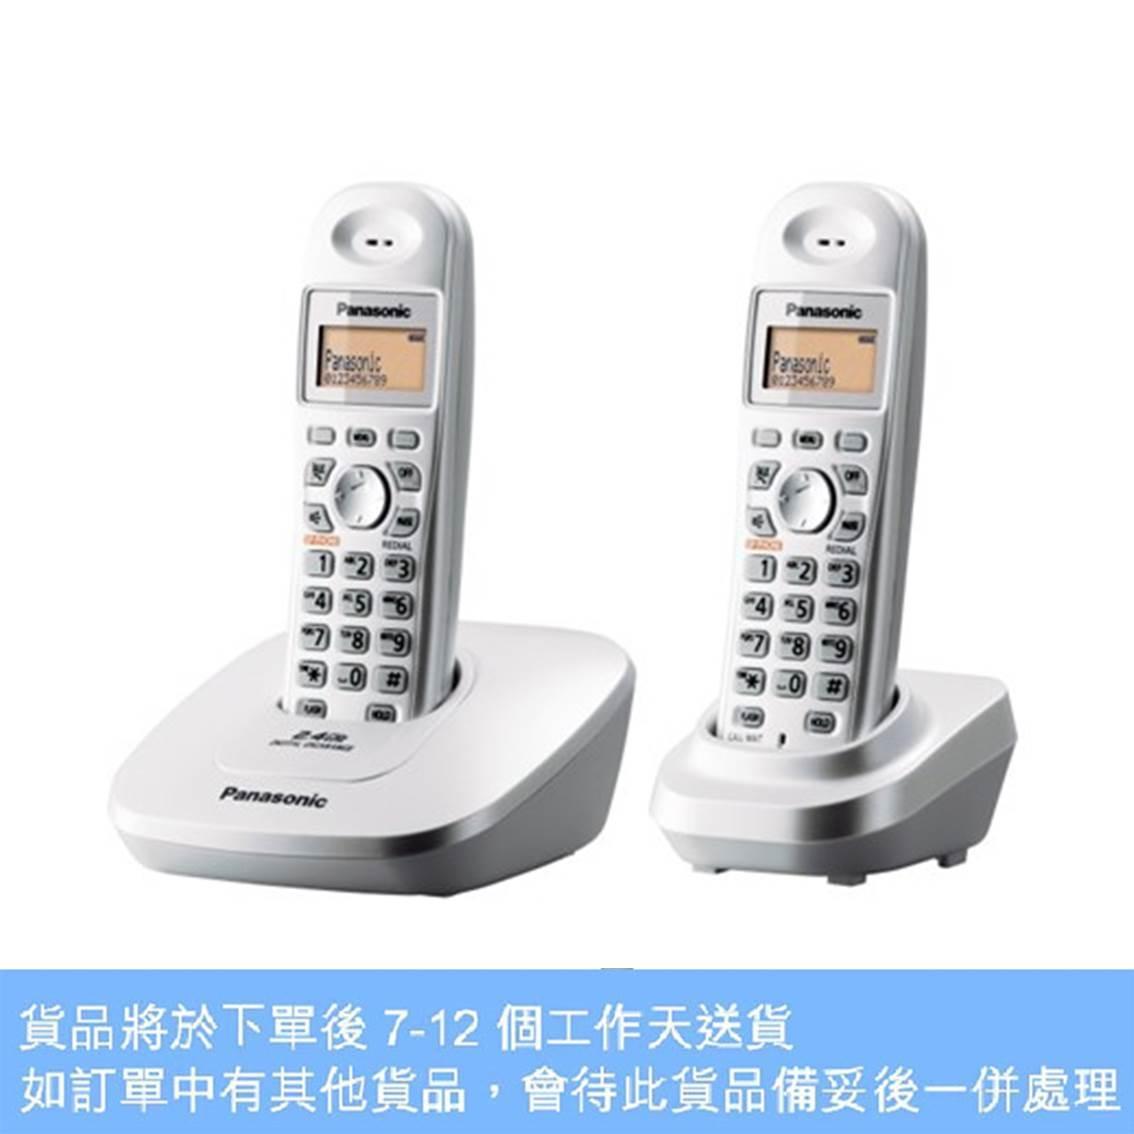 樂聲牌數碼室內無線電話